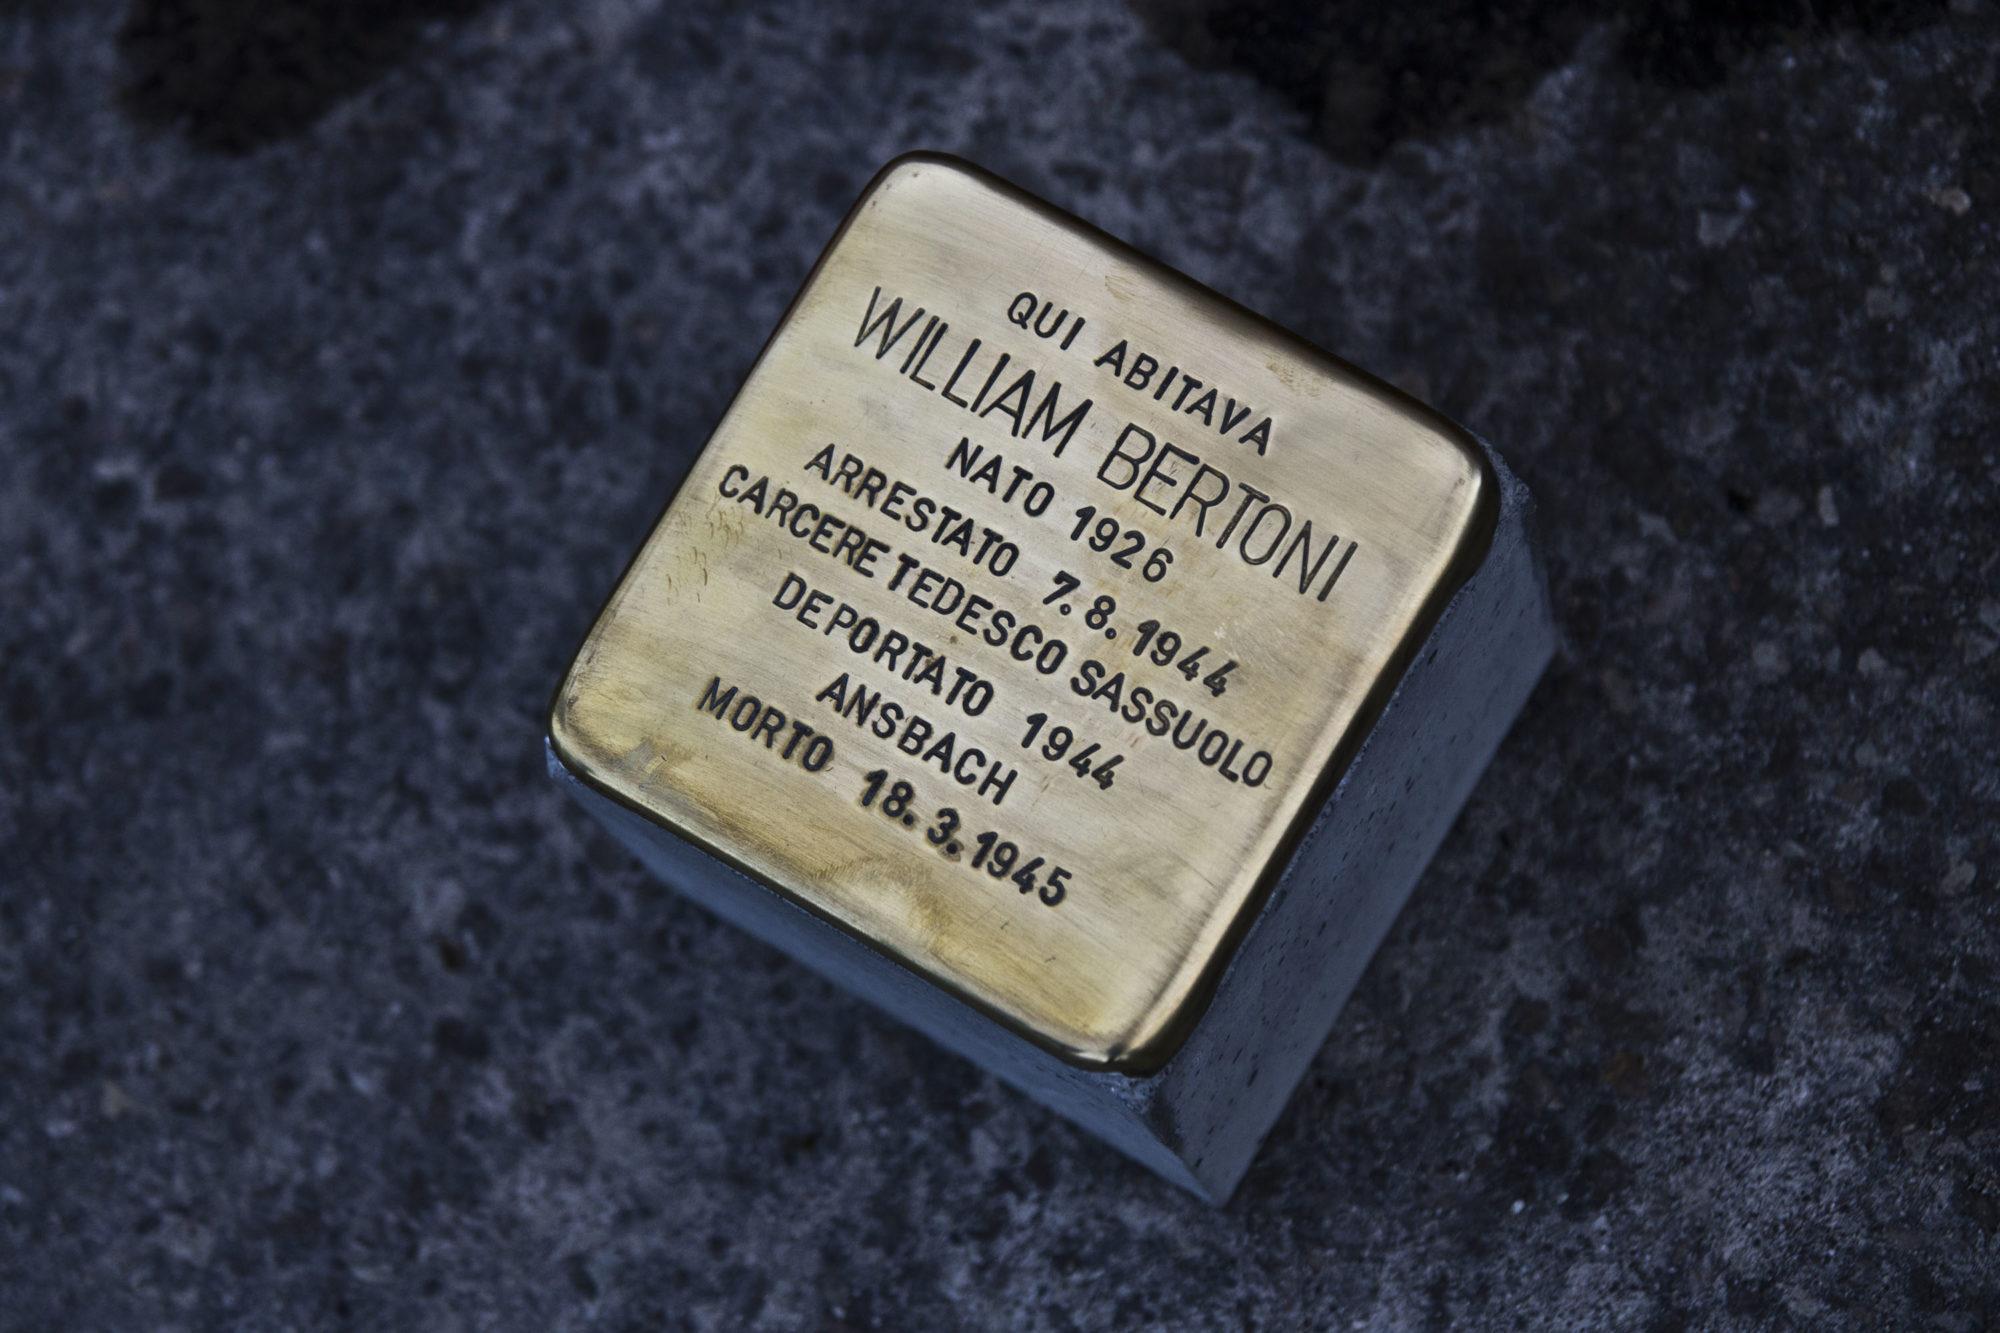 Istoreco: 15 nuove pietre d'inciampo a Toano, Guastalla e Sant'Ilario dedicate a 15 reggiani uccisi dai nazisti